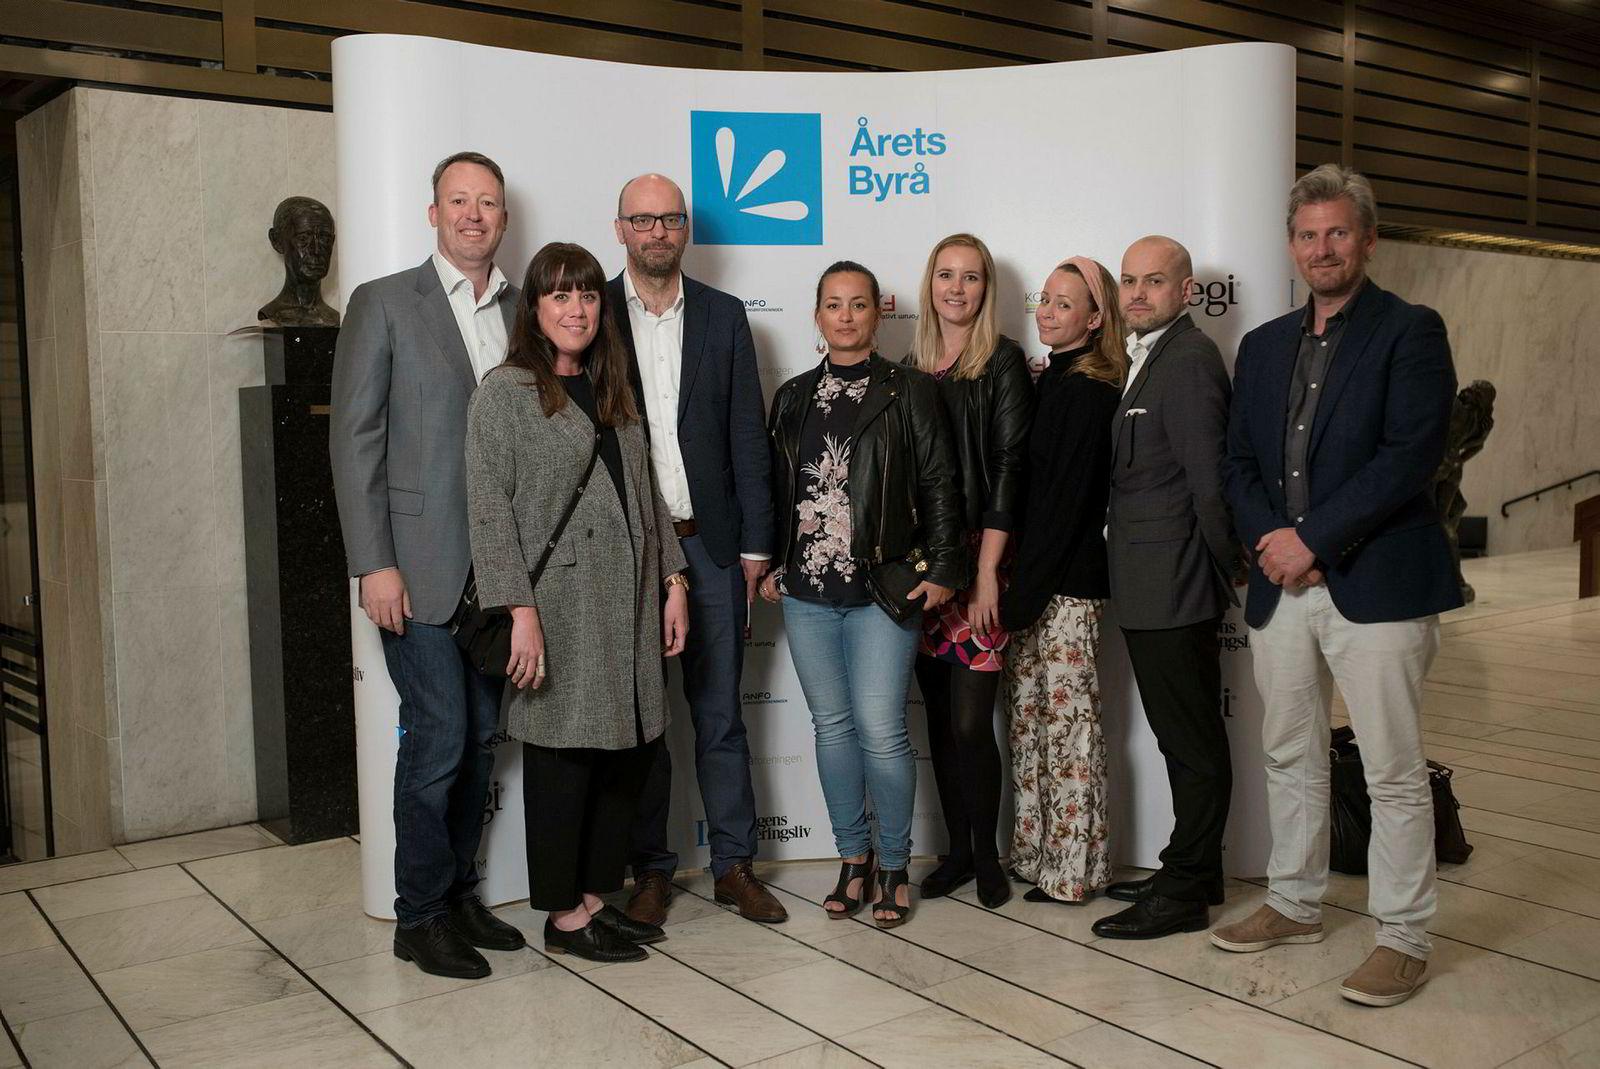 ...og var for mange til å fange på ett bilde: Fra venstre: Øyvind Løland, Hildegunn Hanssen, Atle Hommersand, Mari Amundsen Westby, Ida Stakset, Kine Toth, Øystein Berntzen, Finn Aagaard.